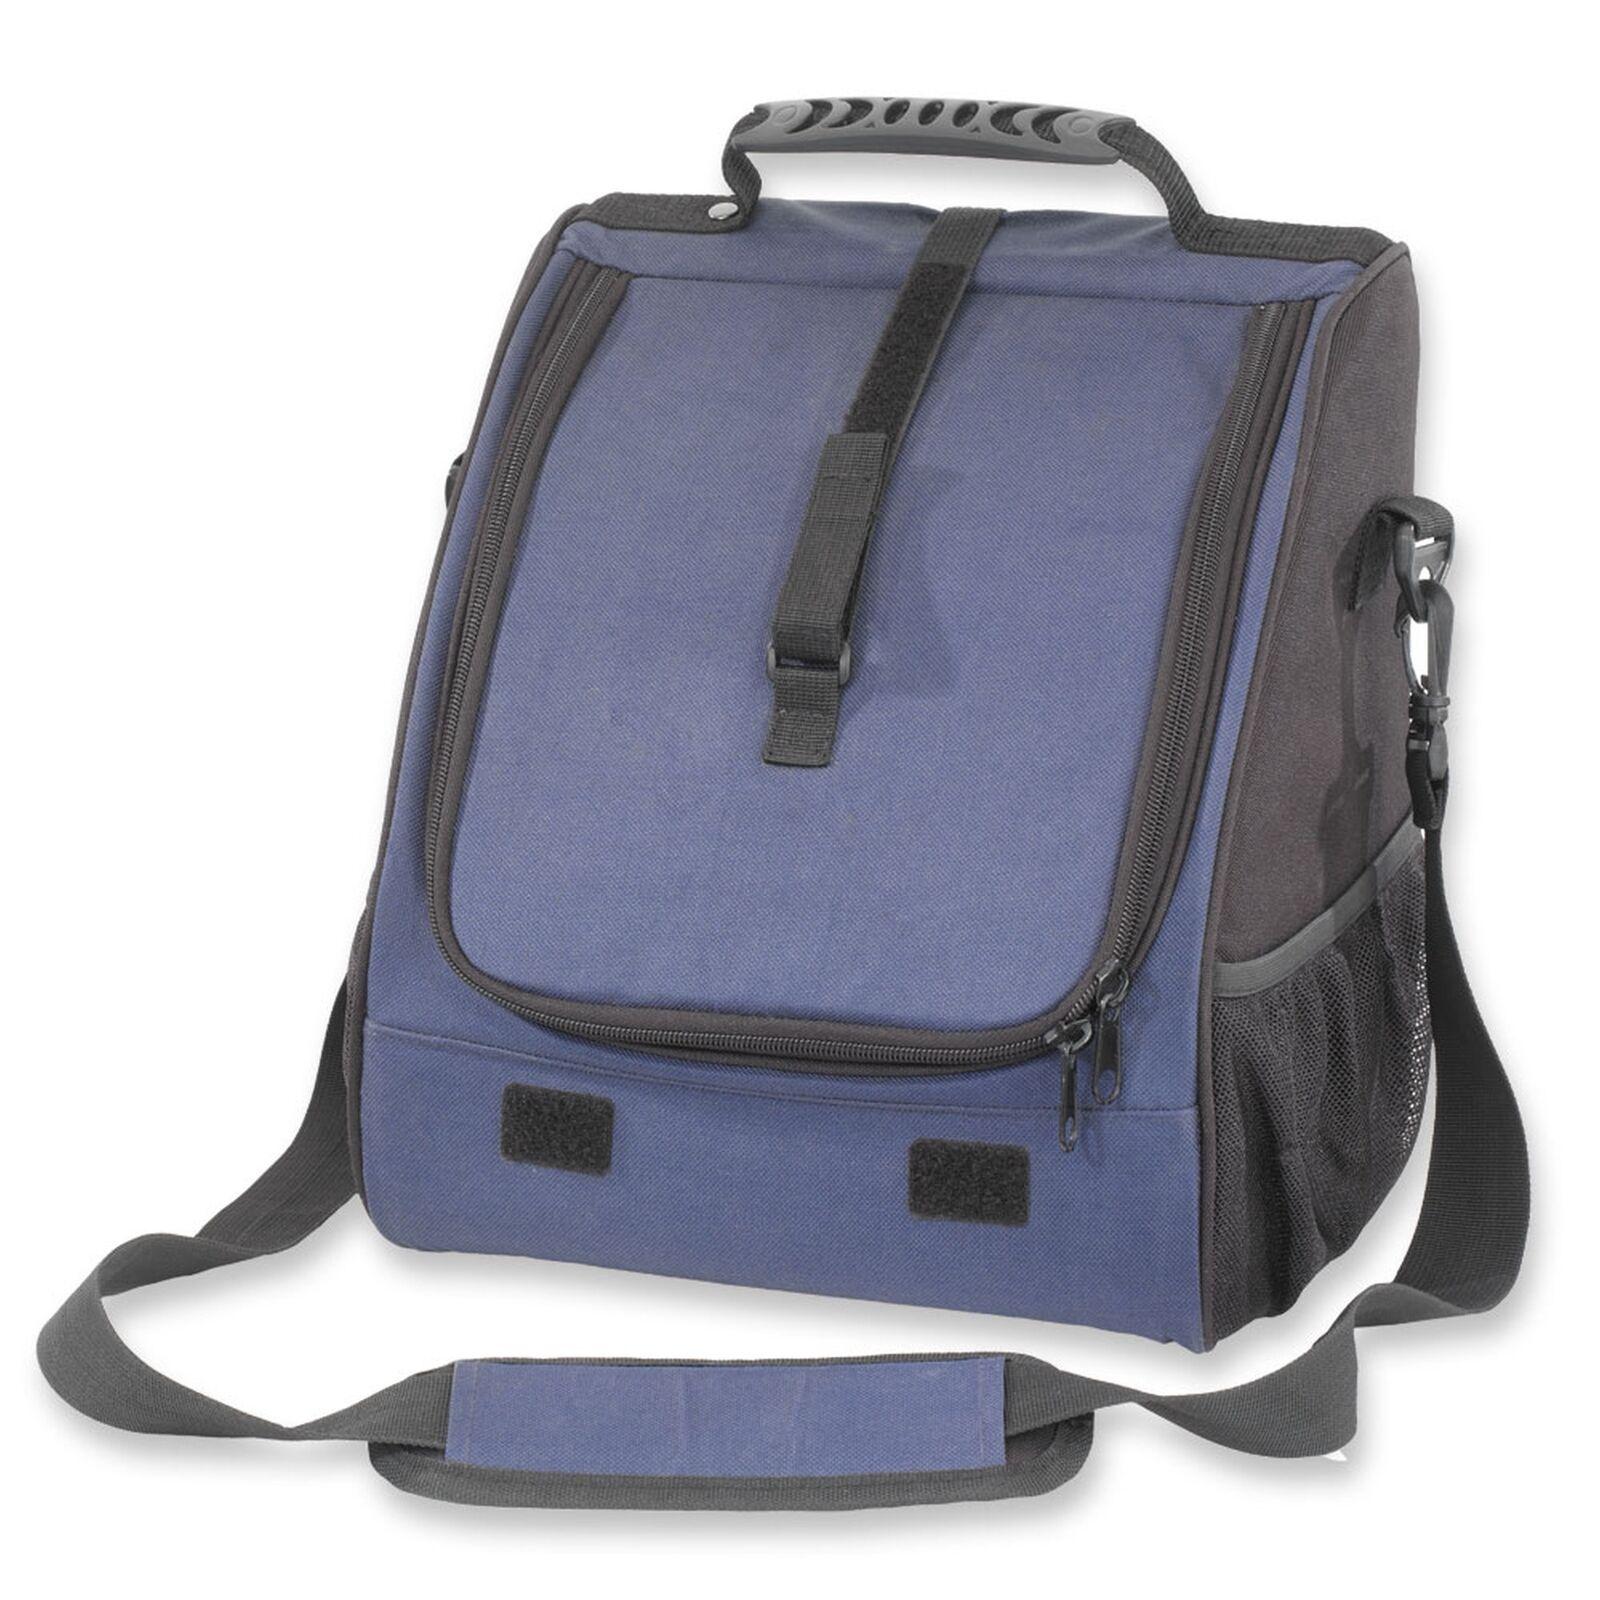 Condor Condor Condor Echolot Tasche Schutztasche Transporttasche mit Power Cube Fach da4338